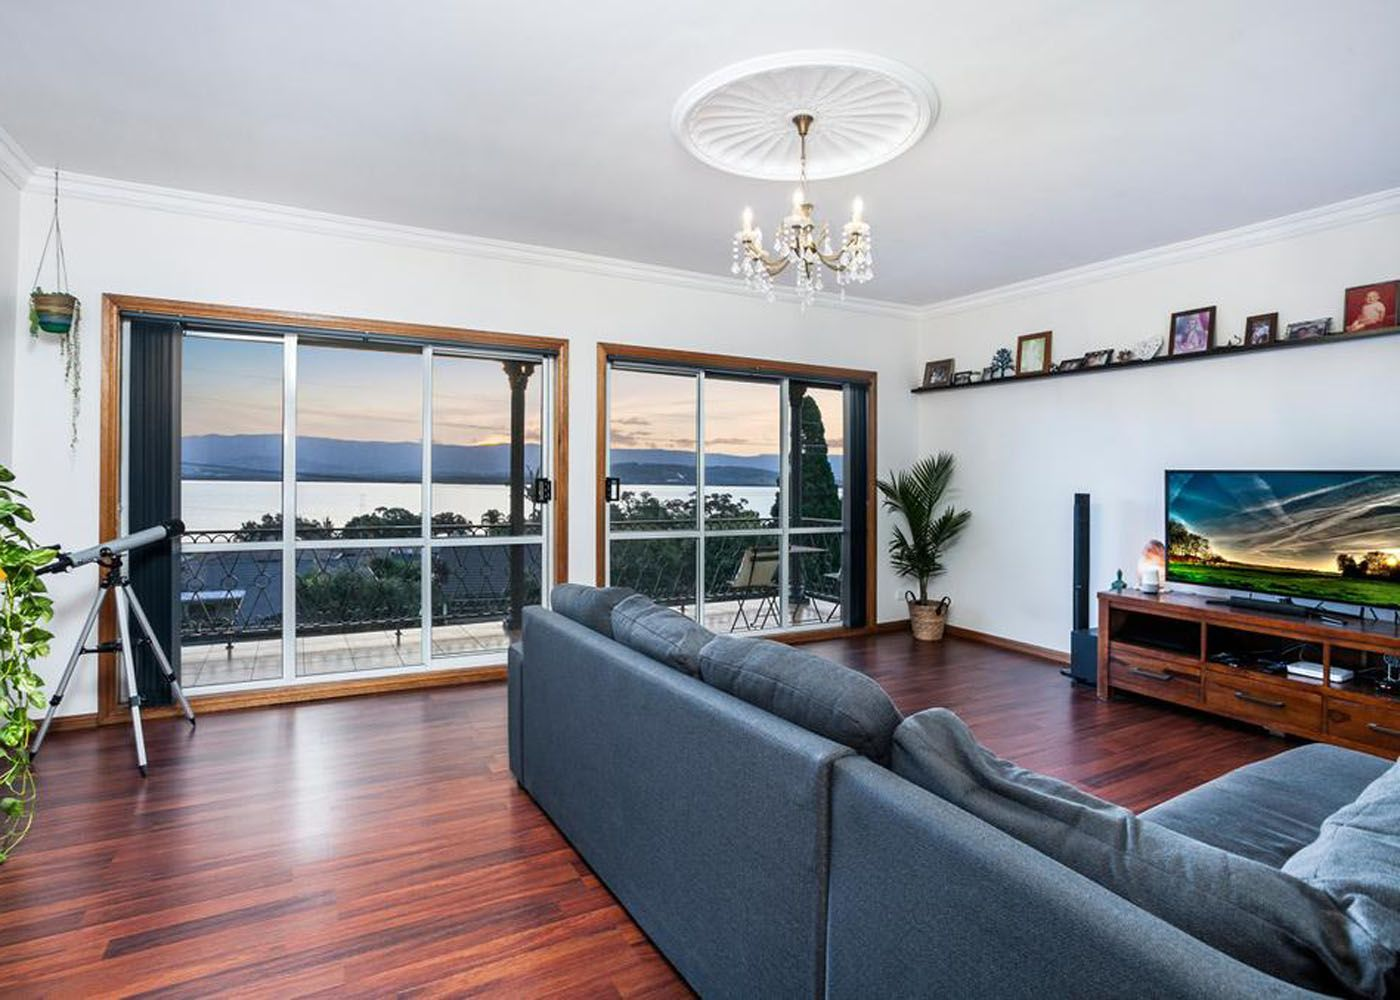 167 Landy Drive, Mount Warrigal NSW 2528, Image 2